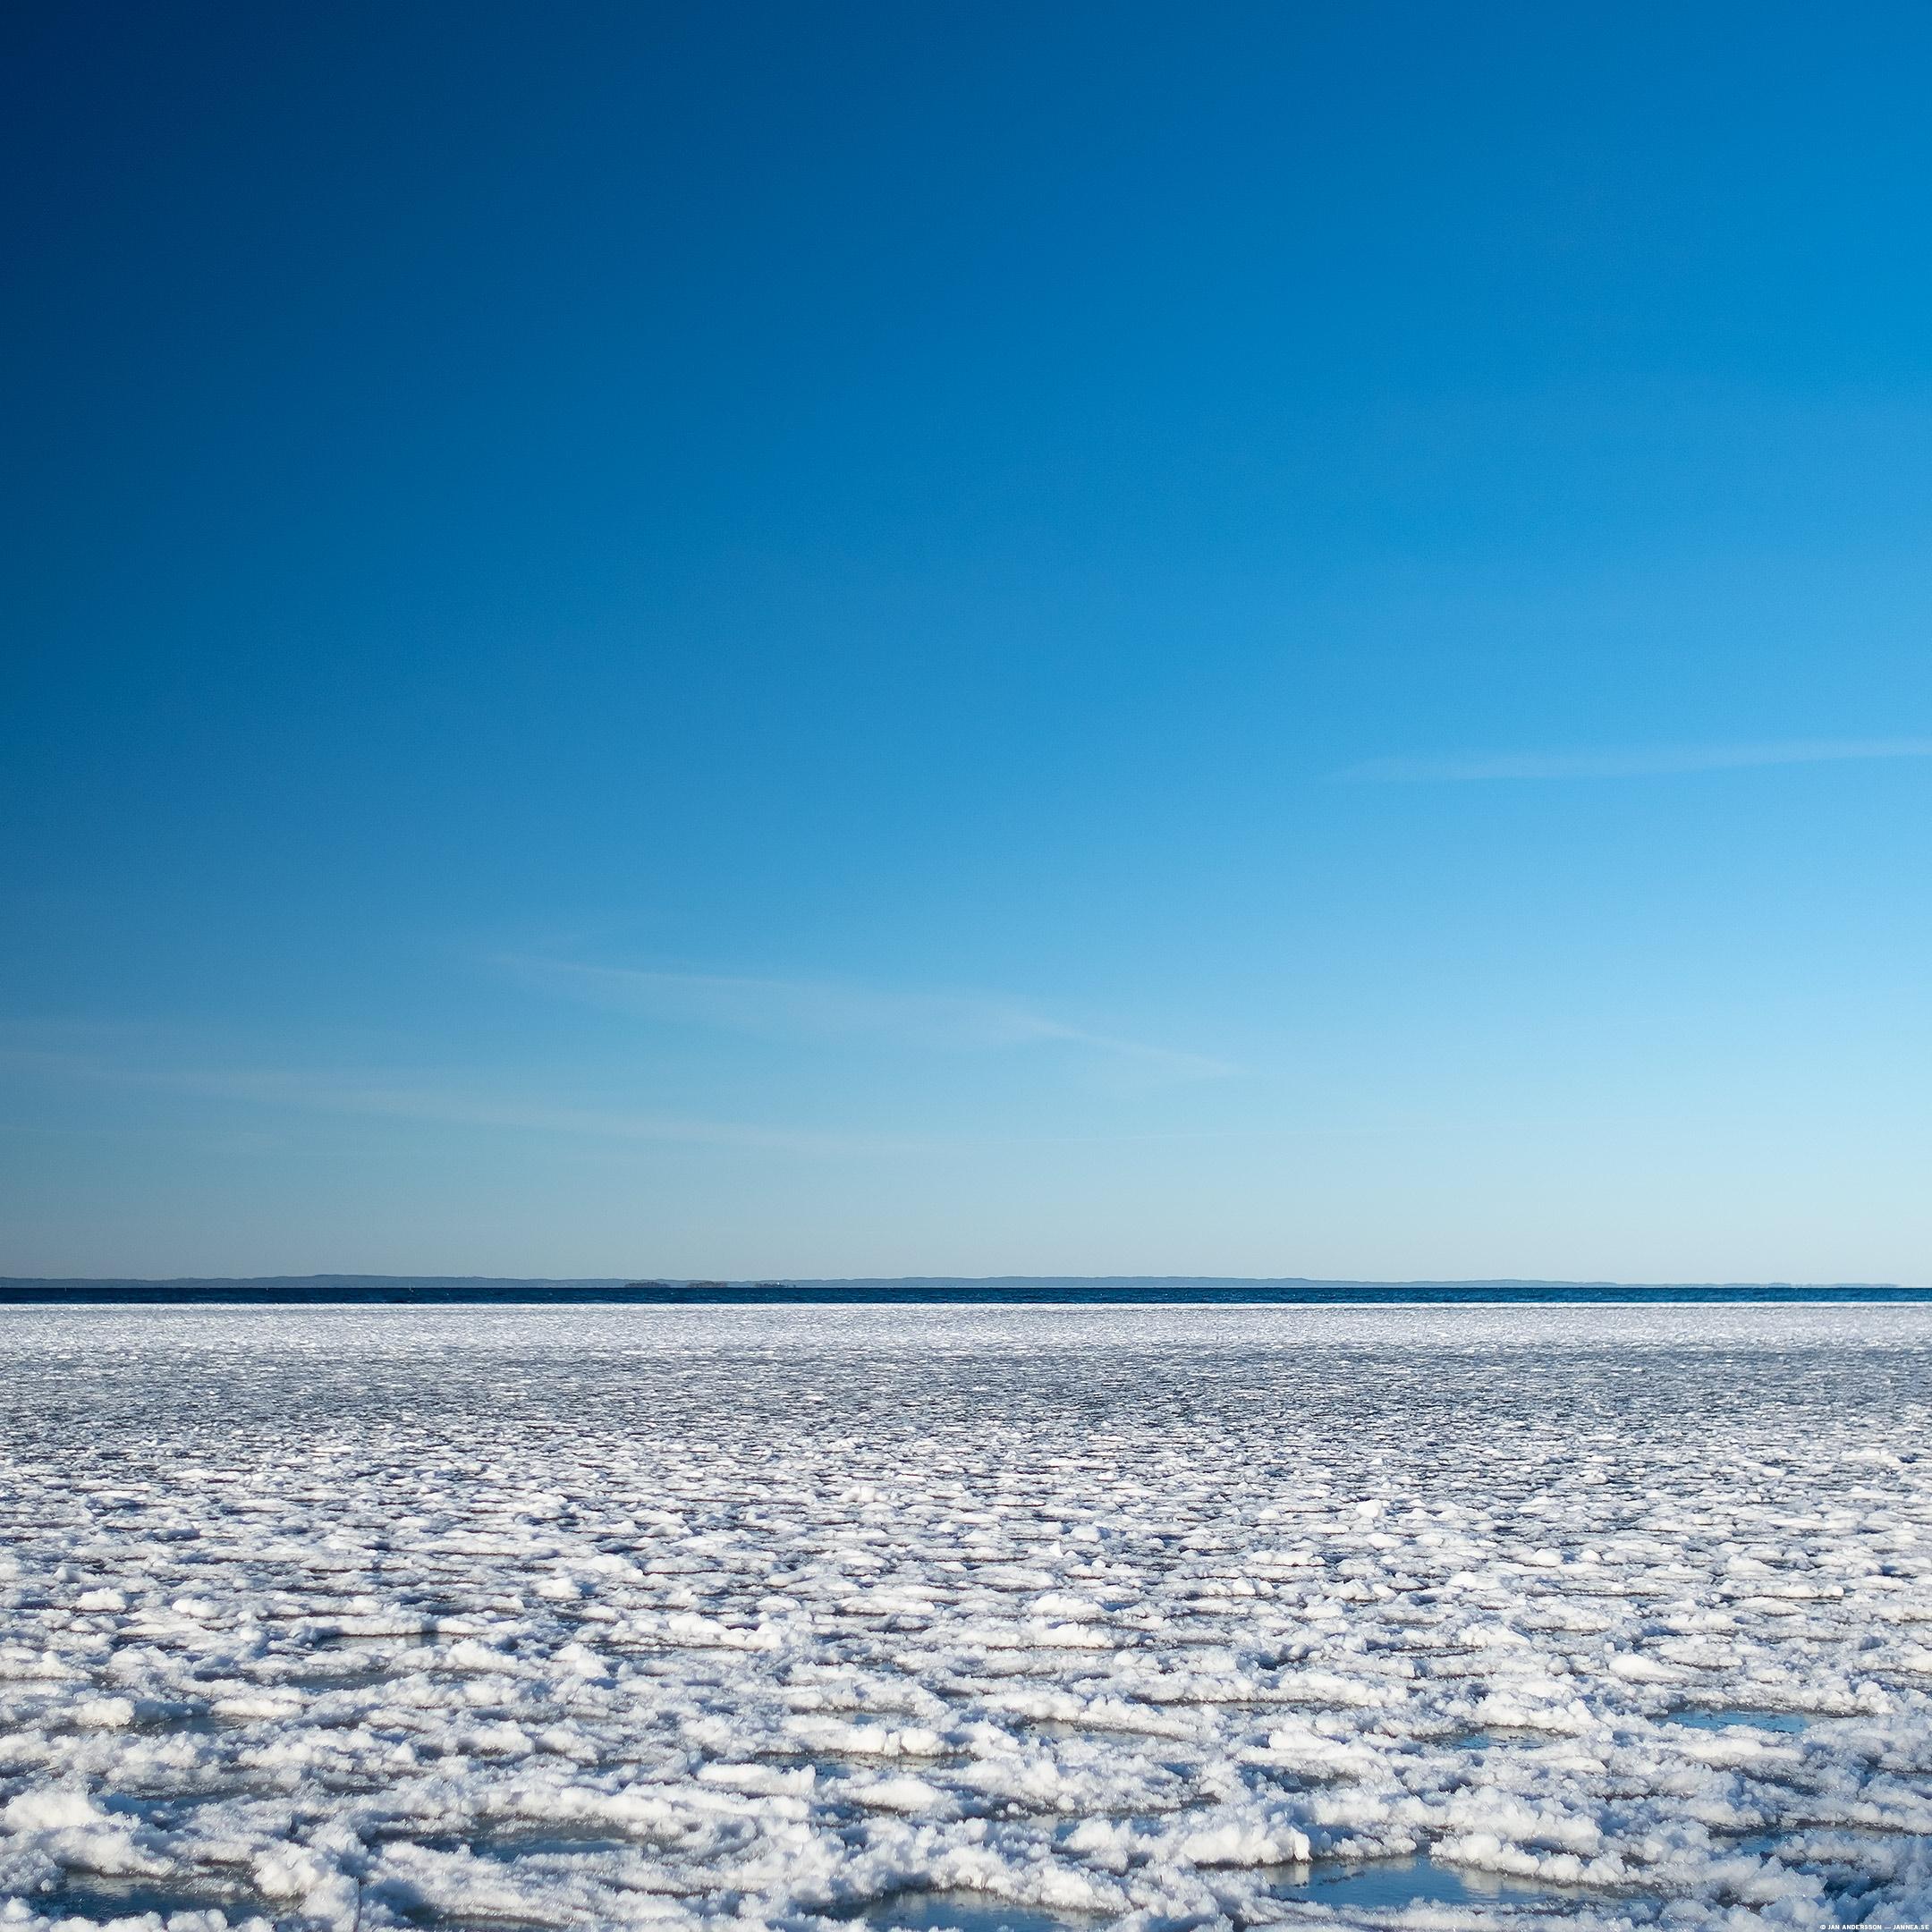 En isig sjö och en blå himmel |© Jan Andersson